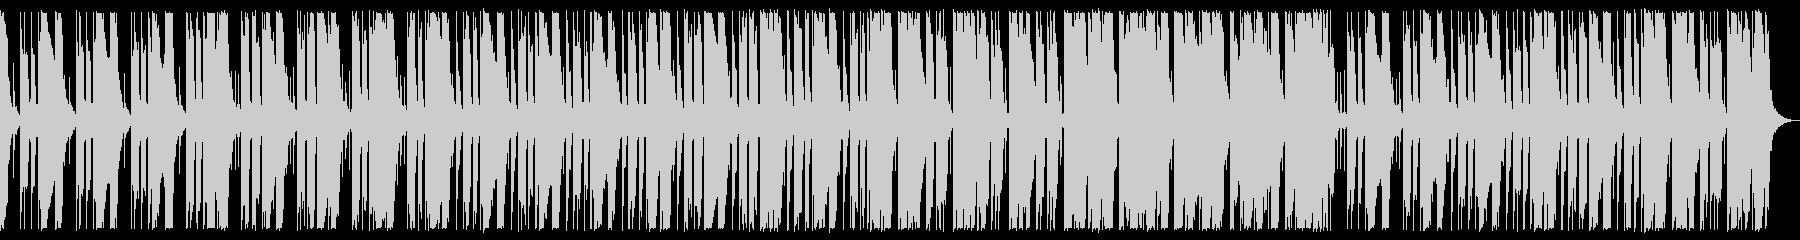 ダークなベース、ドラム、シンセBGMの未再生の波形